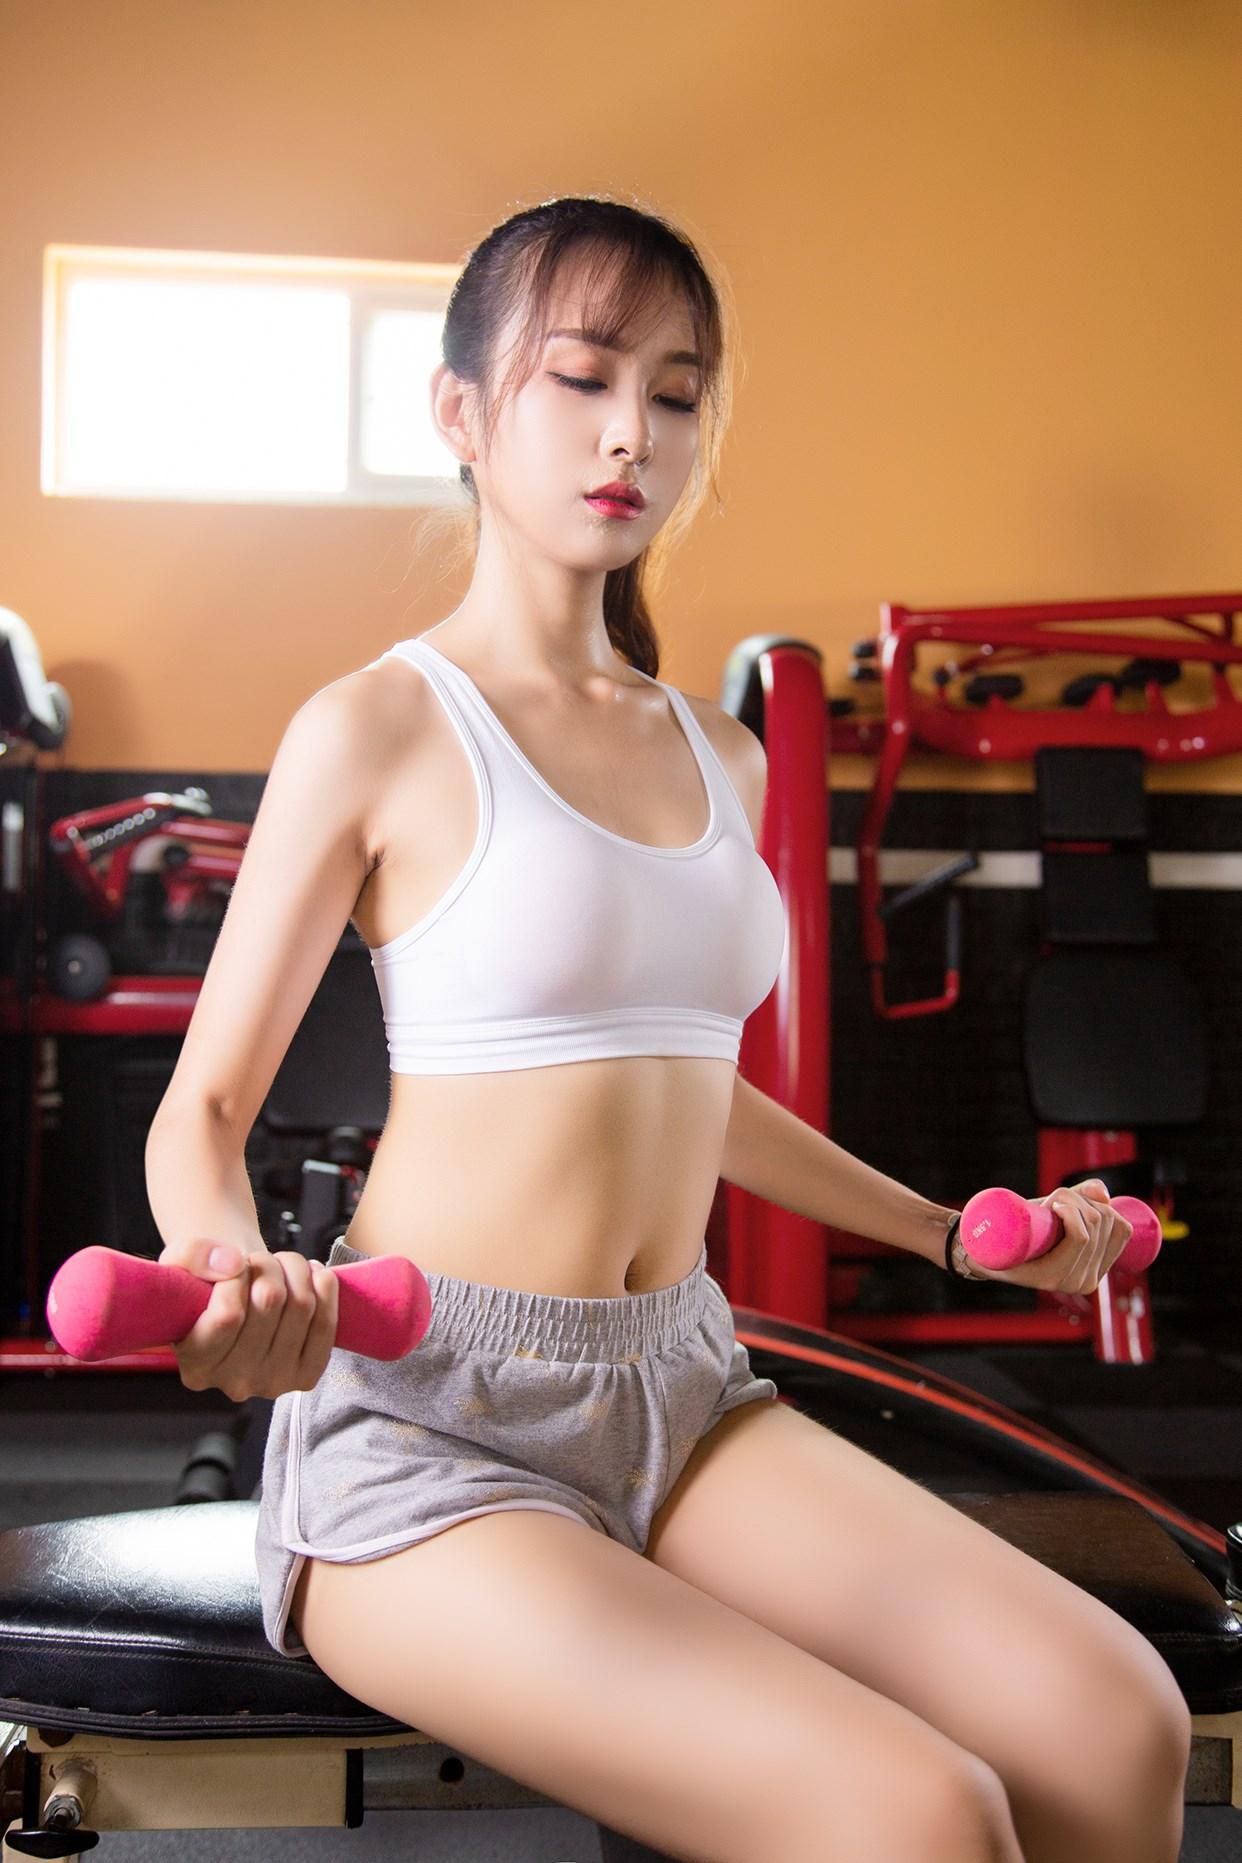 【兔玩映画】健身房的少女 兔玩映画 第34张